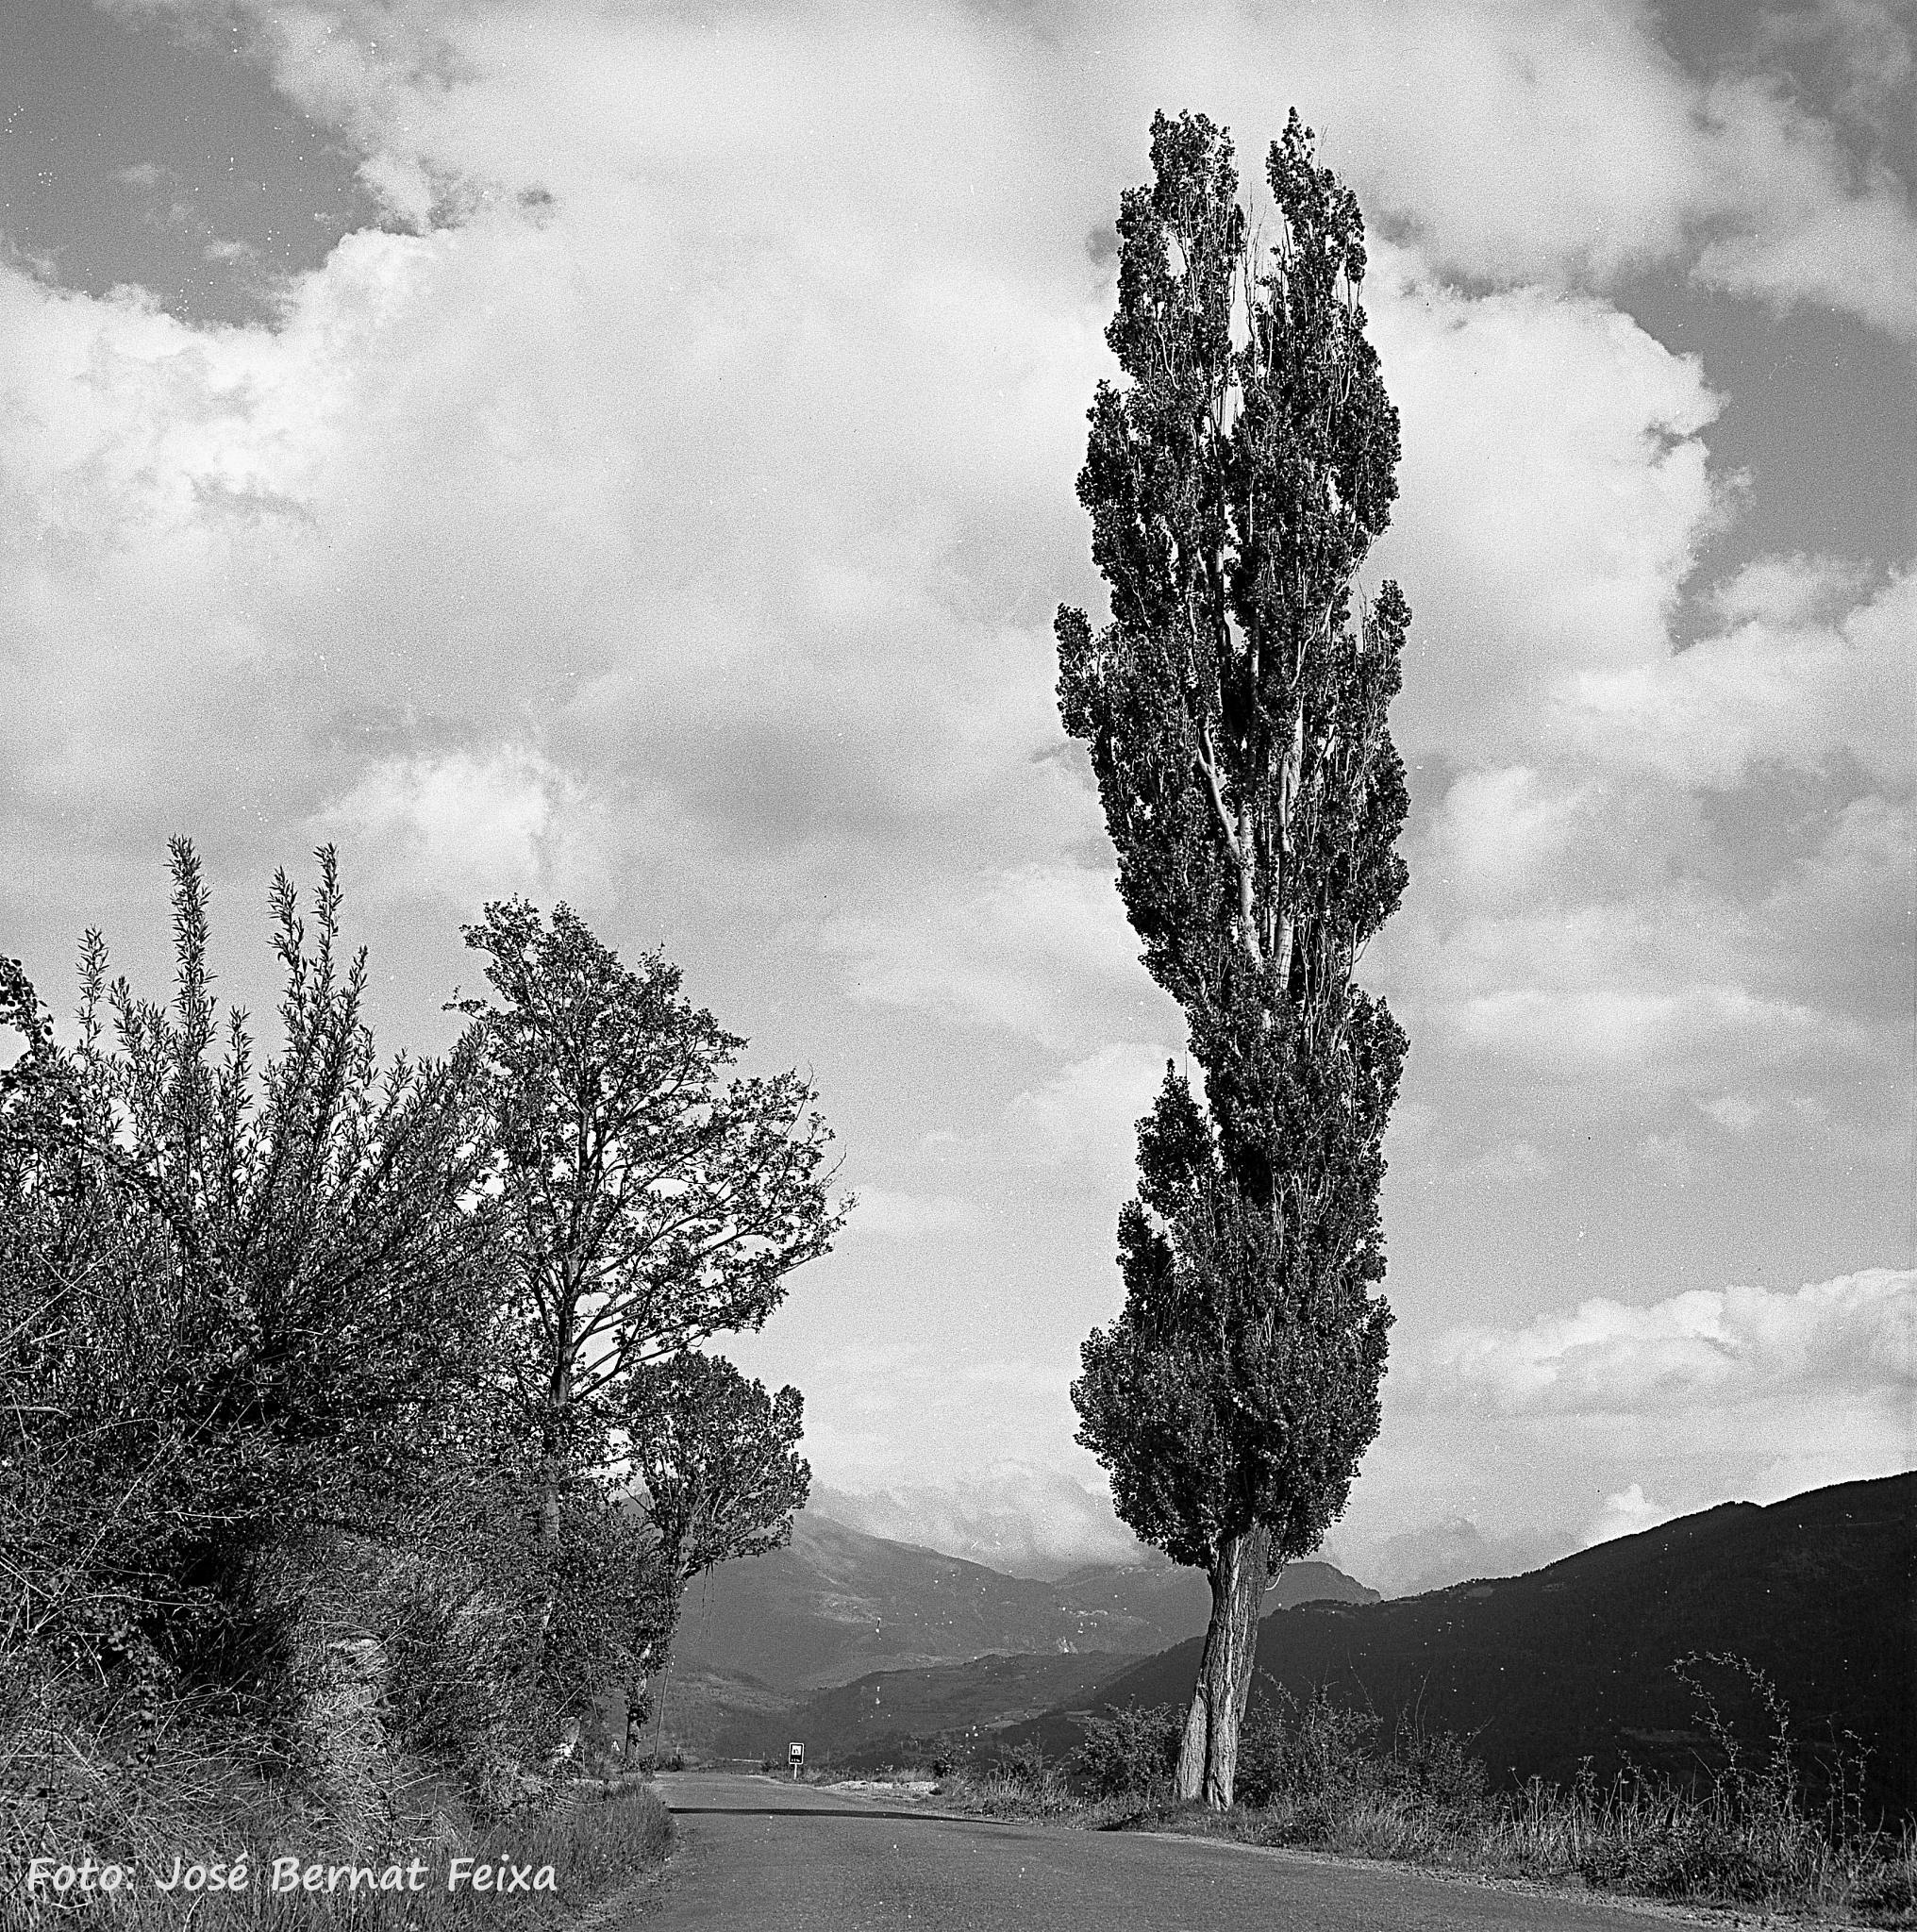 ÁRBOLES, BOMEN, TREES,  Catalunya by José Bernat Feixa